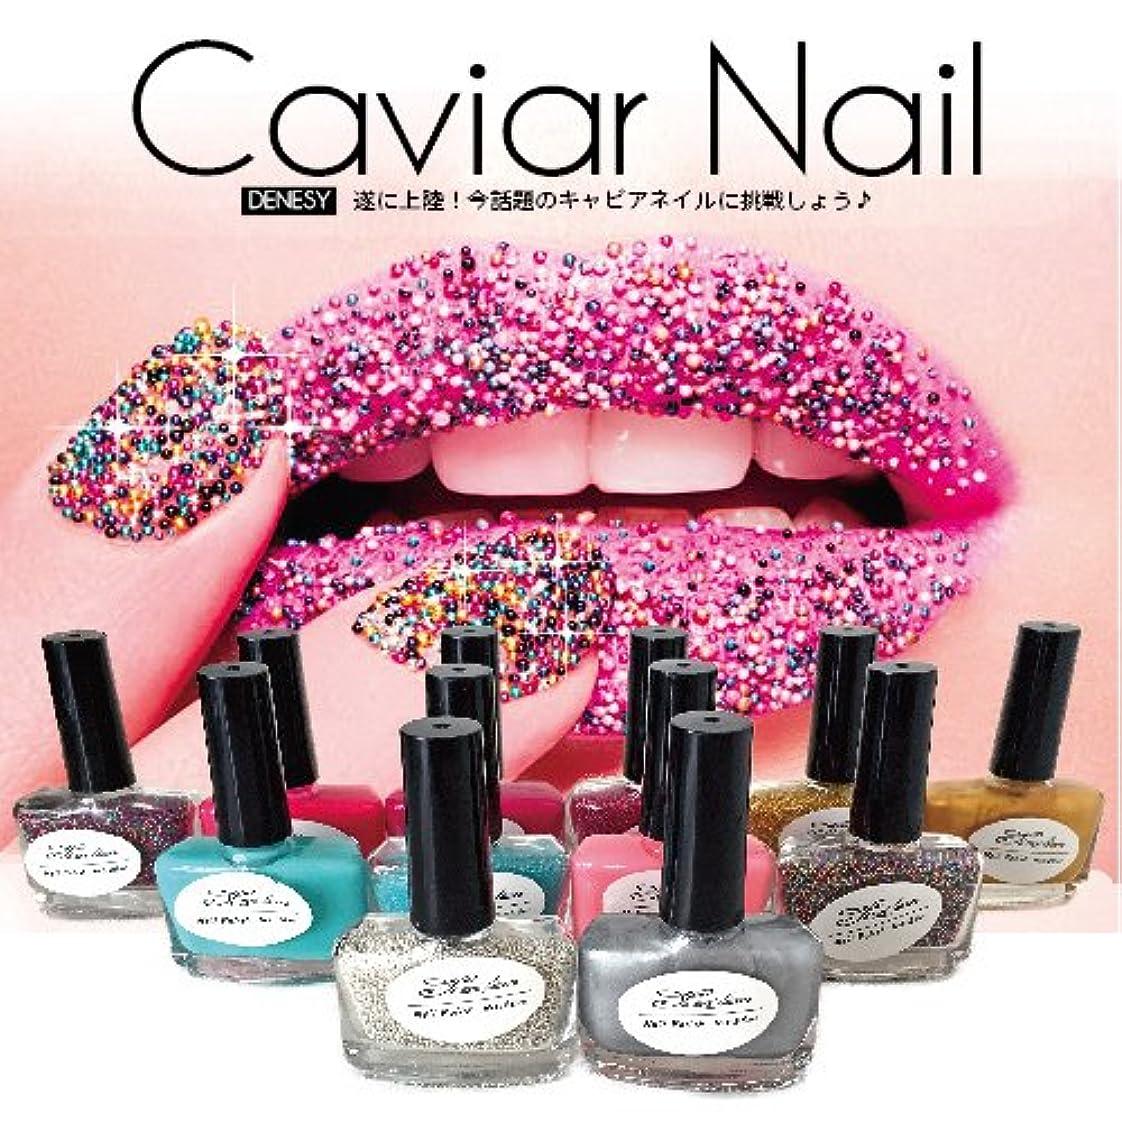 赤メッシュ成長するキャビアネイル DENESY Caviar Nail (3点セット)NEWリニューアル 08:グリーン [マニキュア ネイルカラー ネイルポリッシュ SHANTI Caviar Manicure kit]